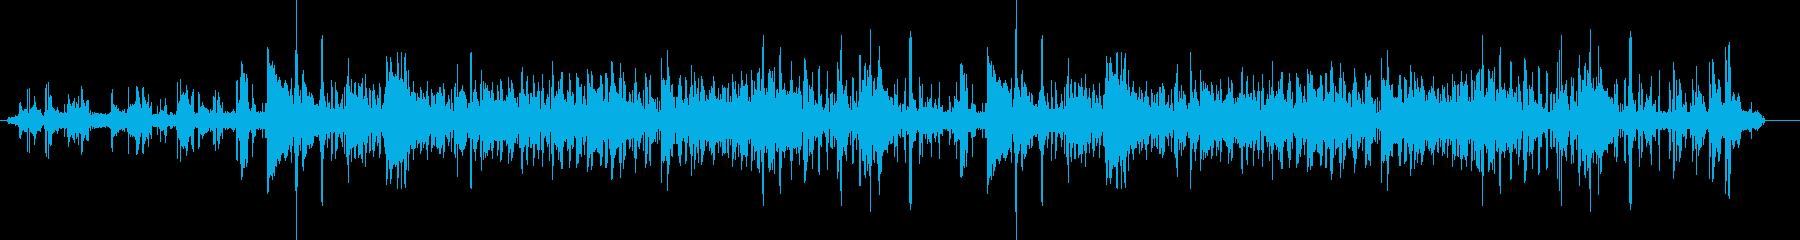 バックグラウンドでコオロギ/犬の鳴...の再生済みの波形